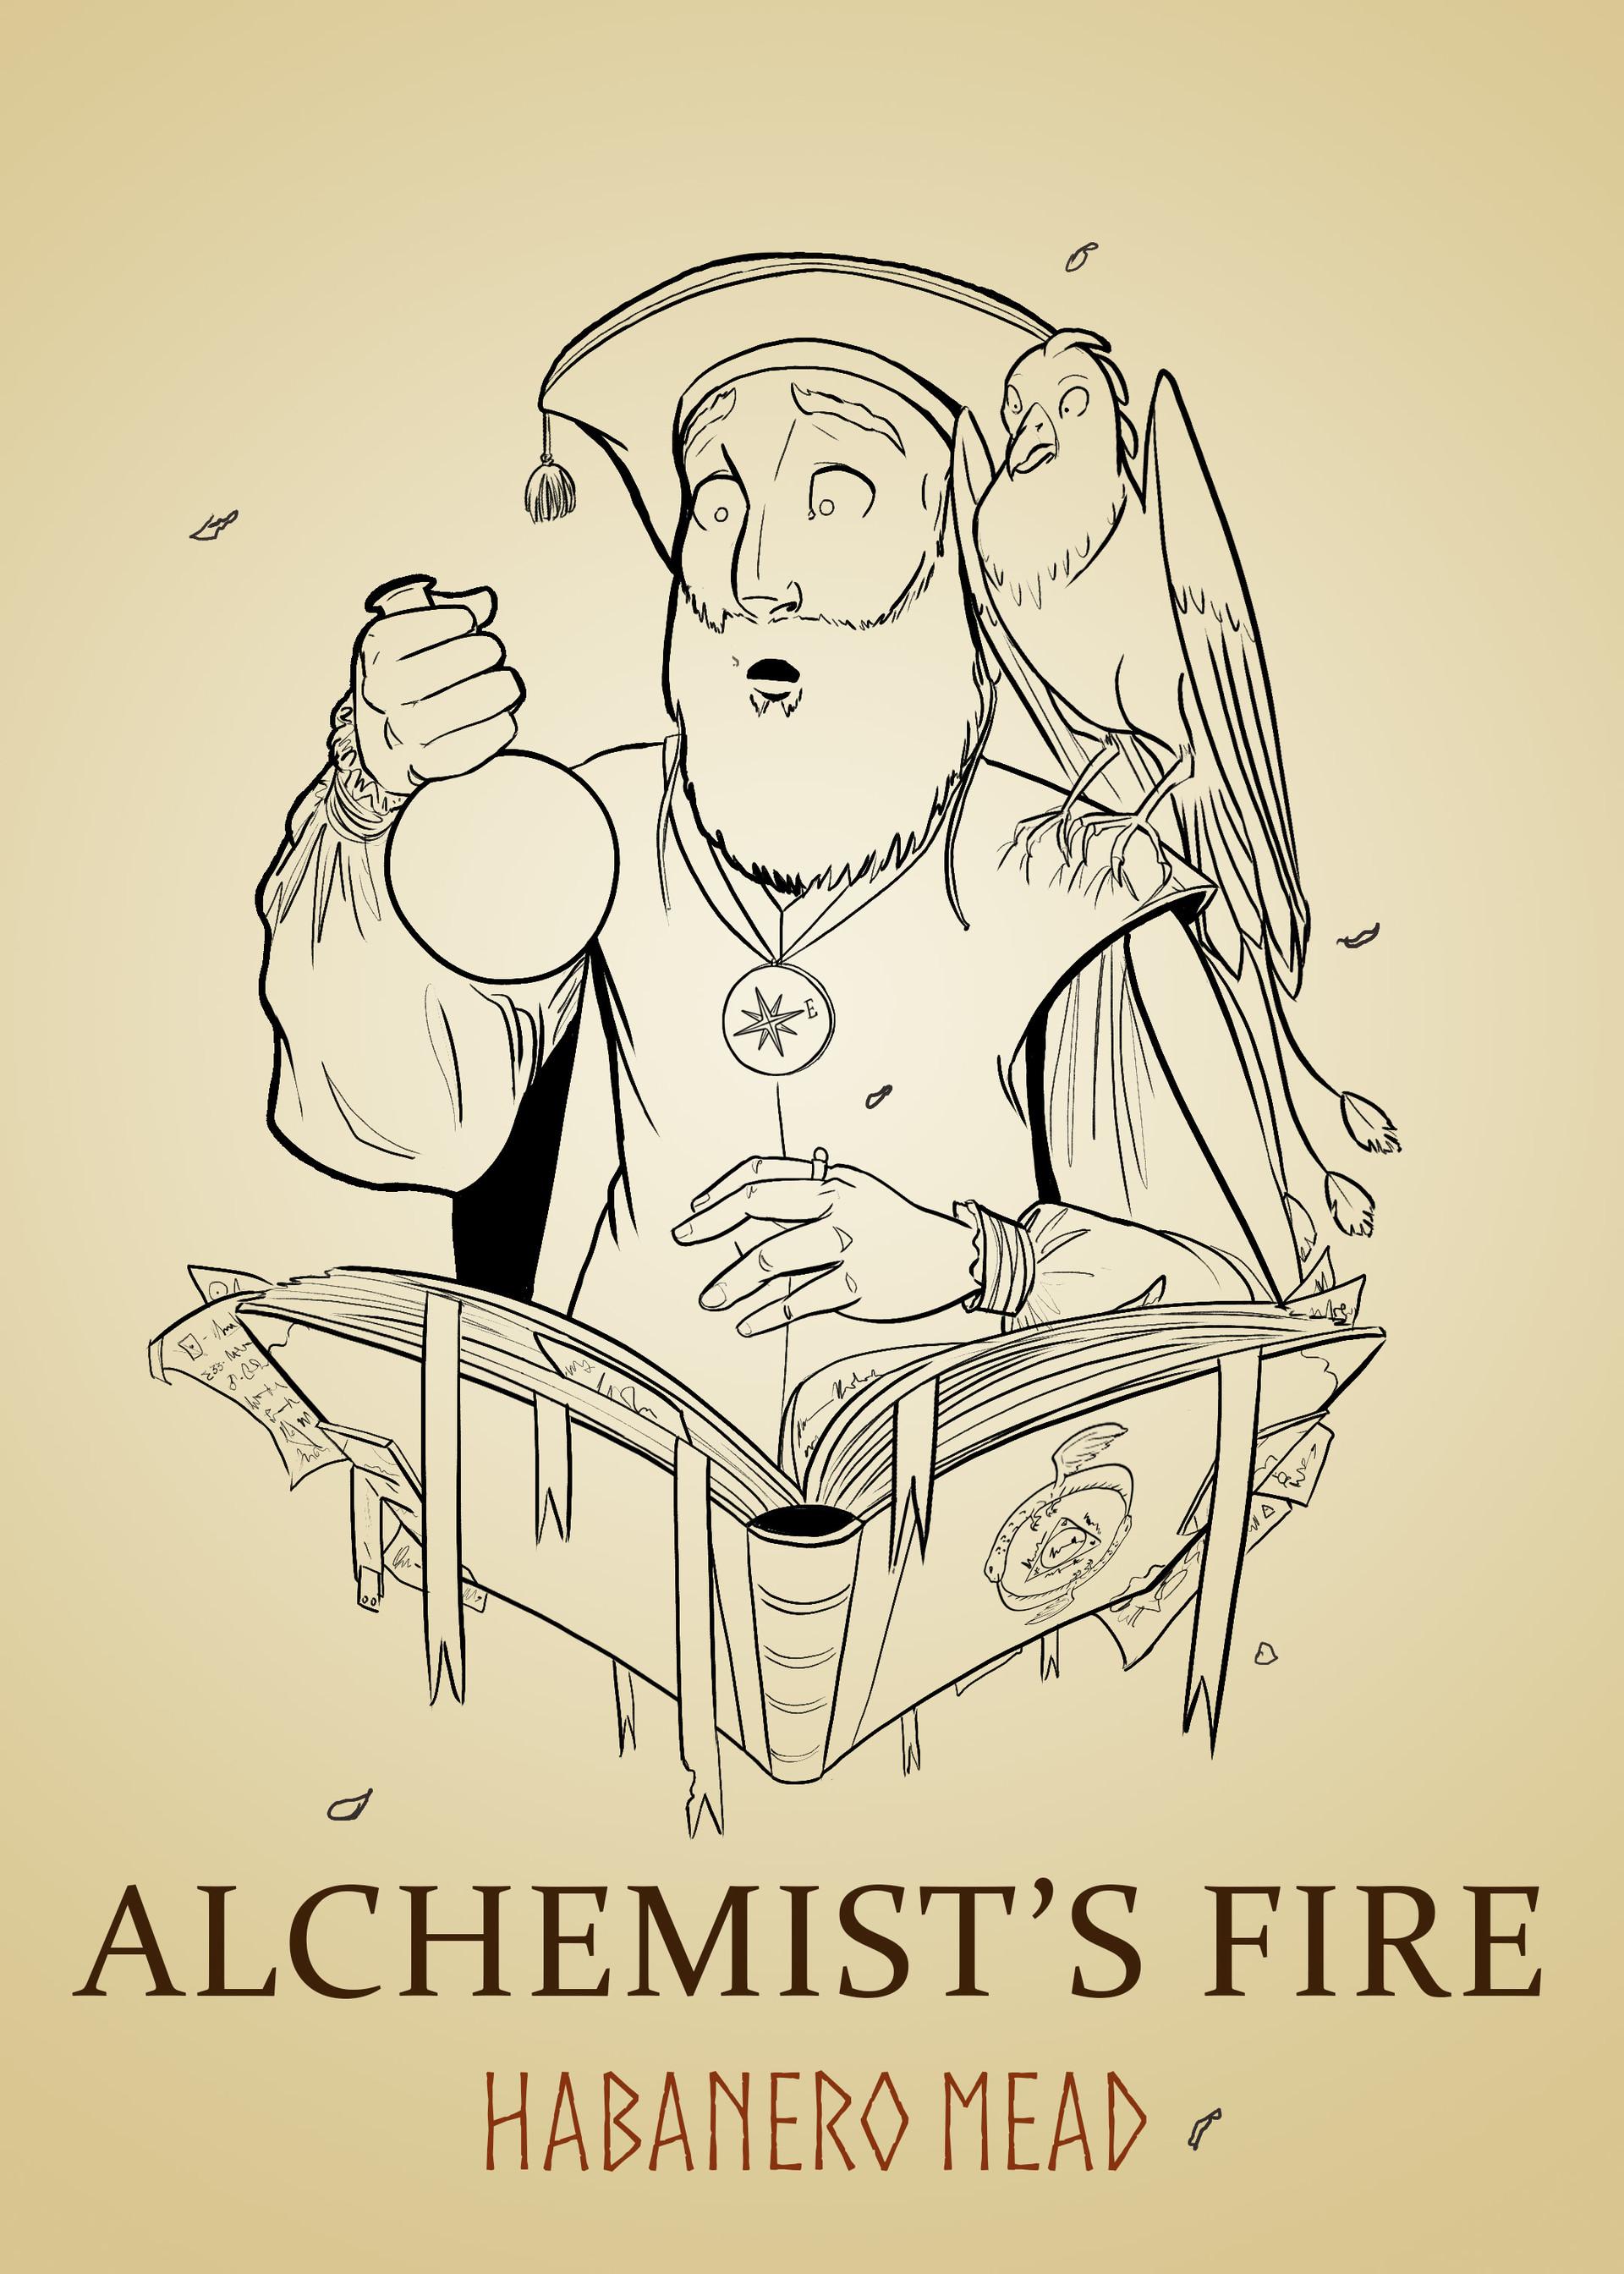 Jessica trevino alchemist linework